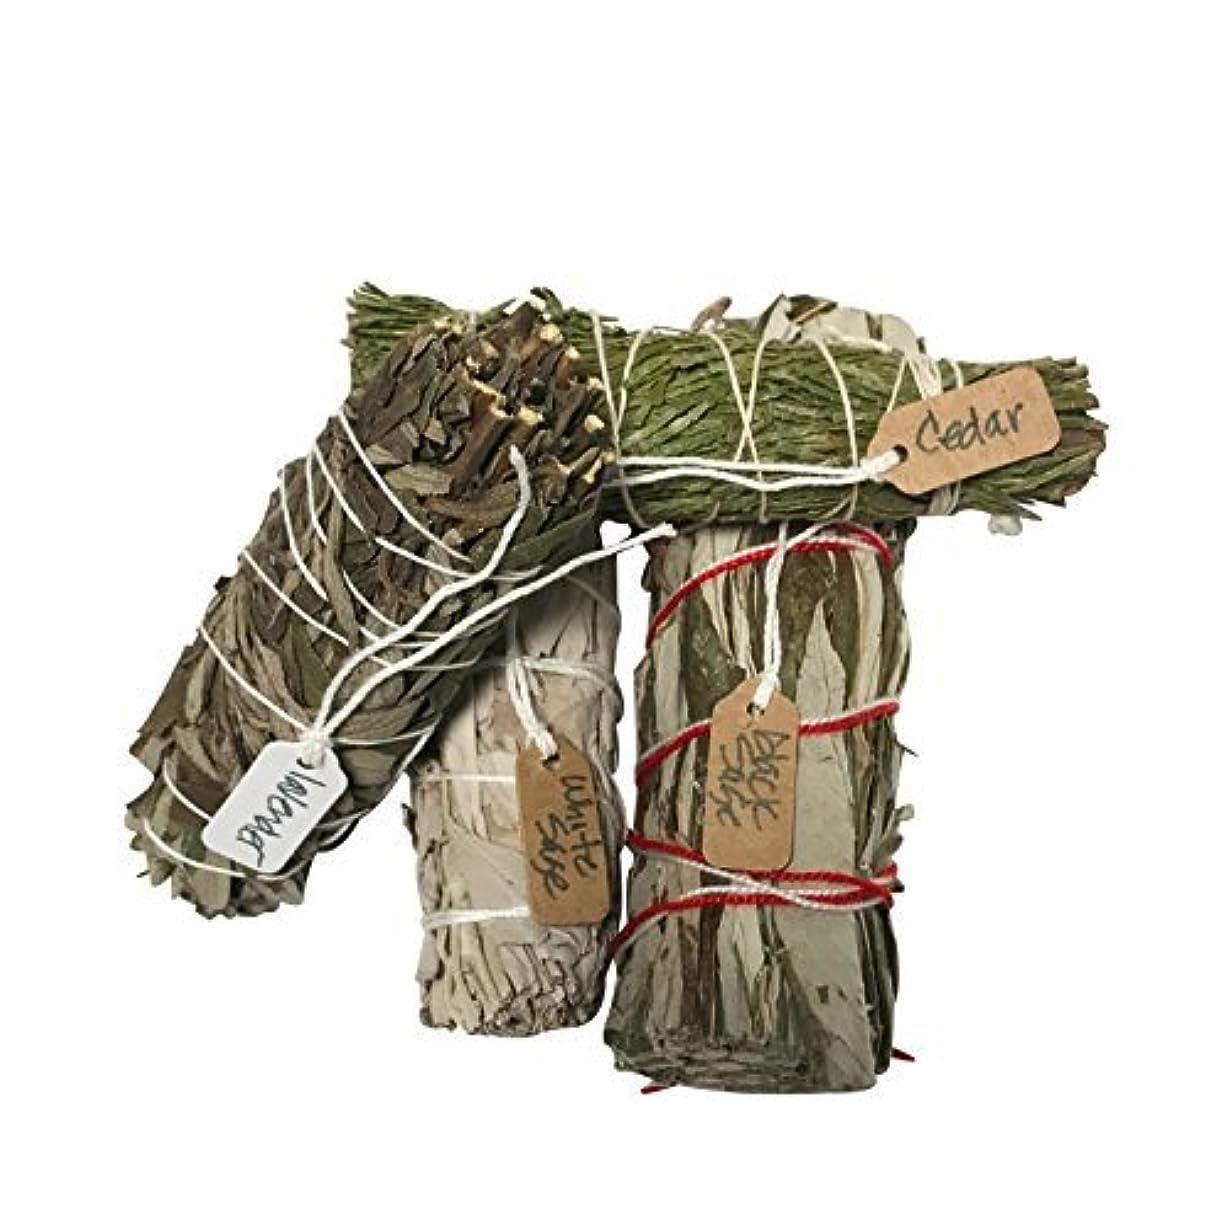 ヘア月曜逸脱さまざまなSmudge Sticksサンプル最高級のための機会ホワイトセージ、ラベンダー、杉、ブラックセージ1つの各4 Inches Long。